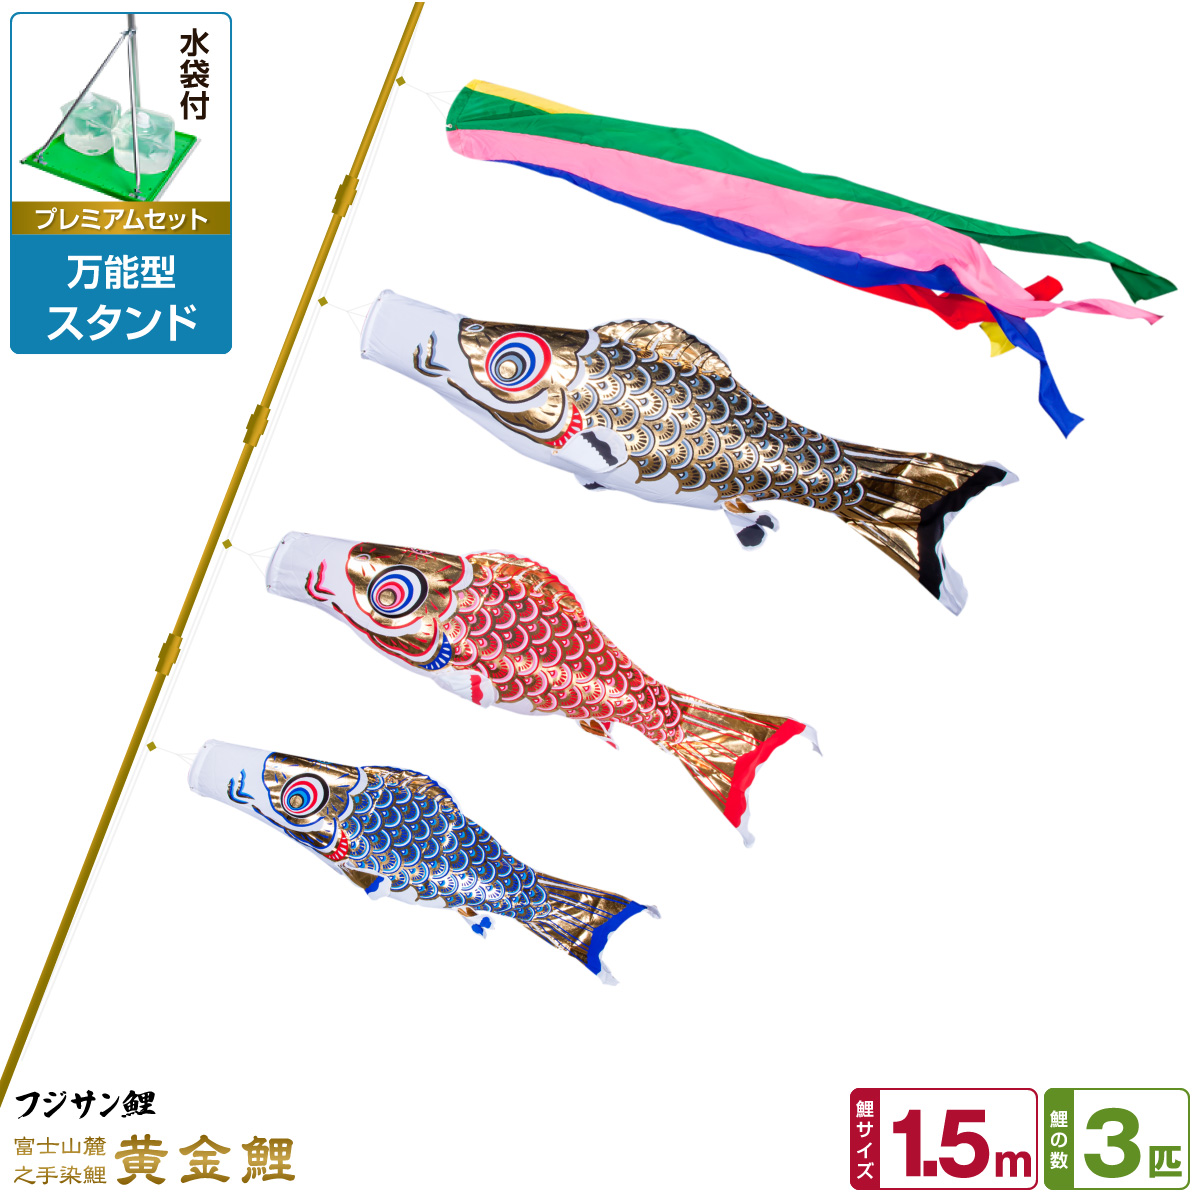 ベランダ用 こいのぼり 鯉のぼり フジサン鯉 黄金鯉 1.5m 6点(吹流し+鯉3匹+矢車+ロープ)/プレミアムセット(万能スタンド)